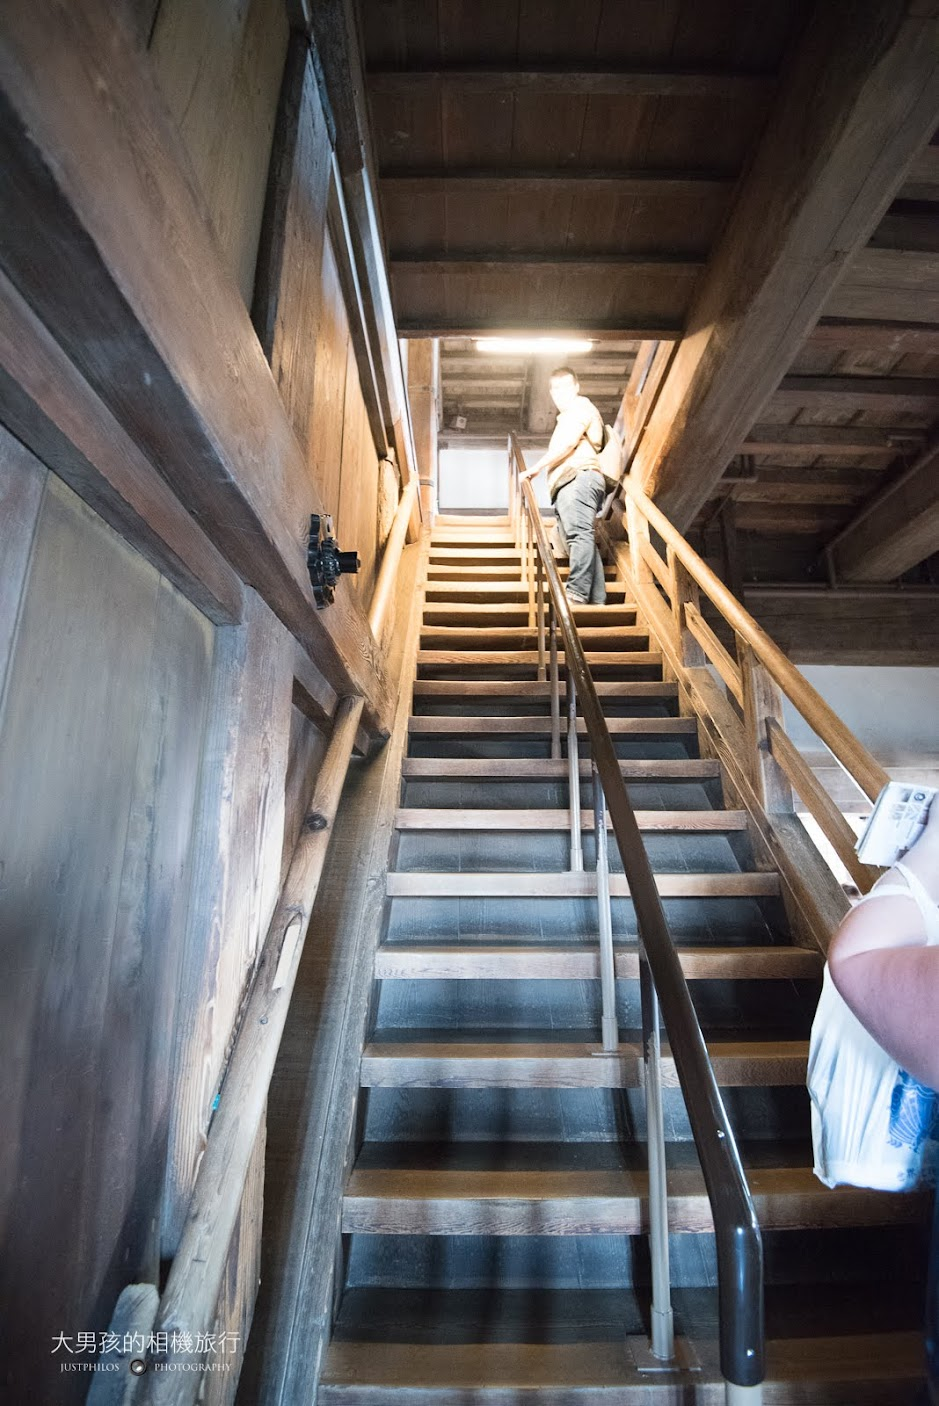 天守閣一共有六層樓,因為不破壞本體結構的關係,樓梯還滿抖的,登頂時要特別小心。